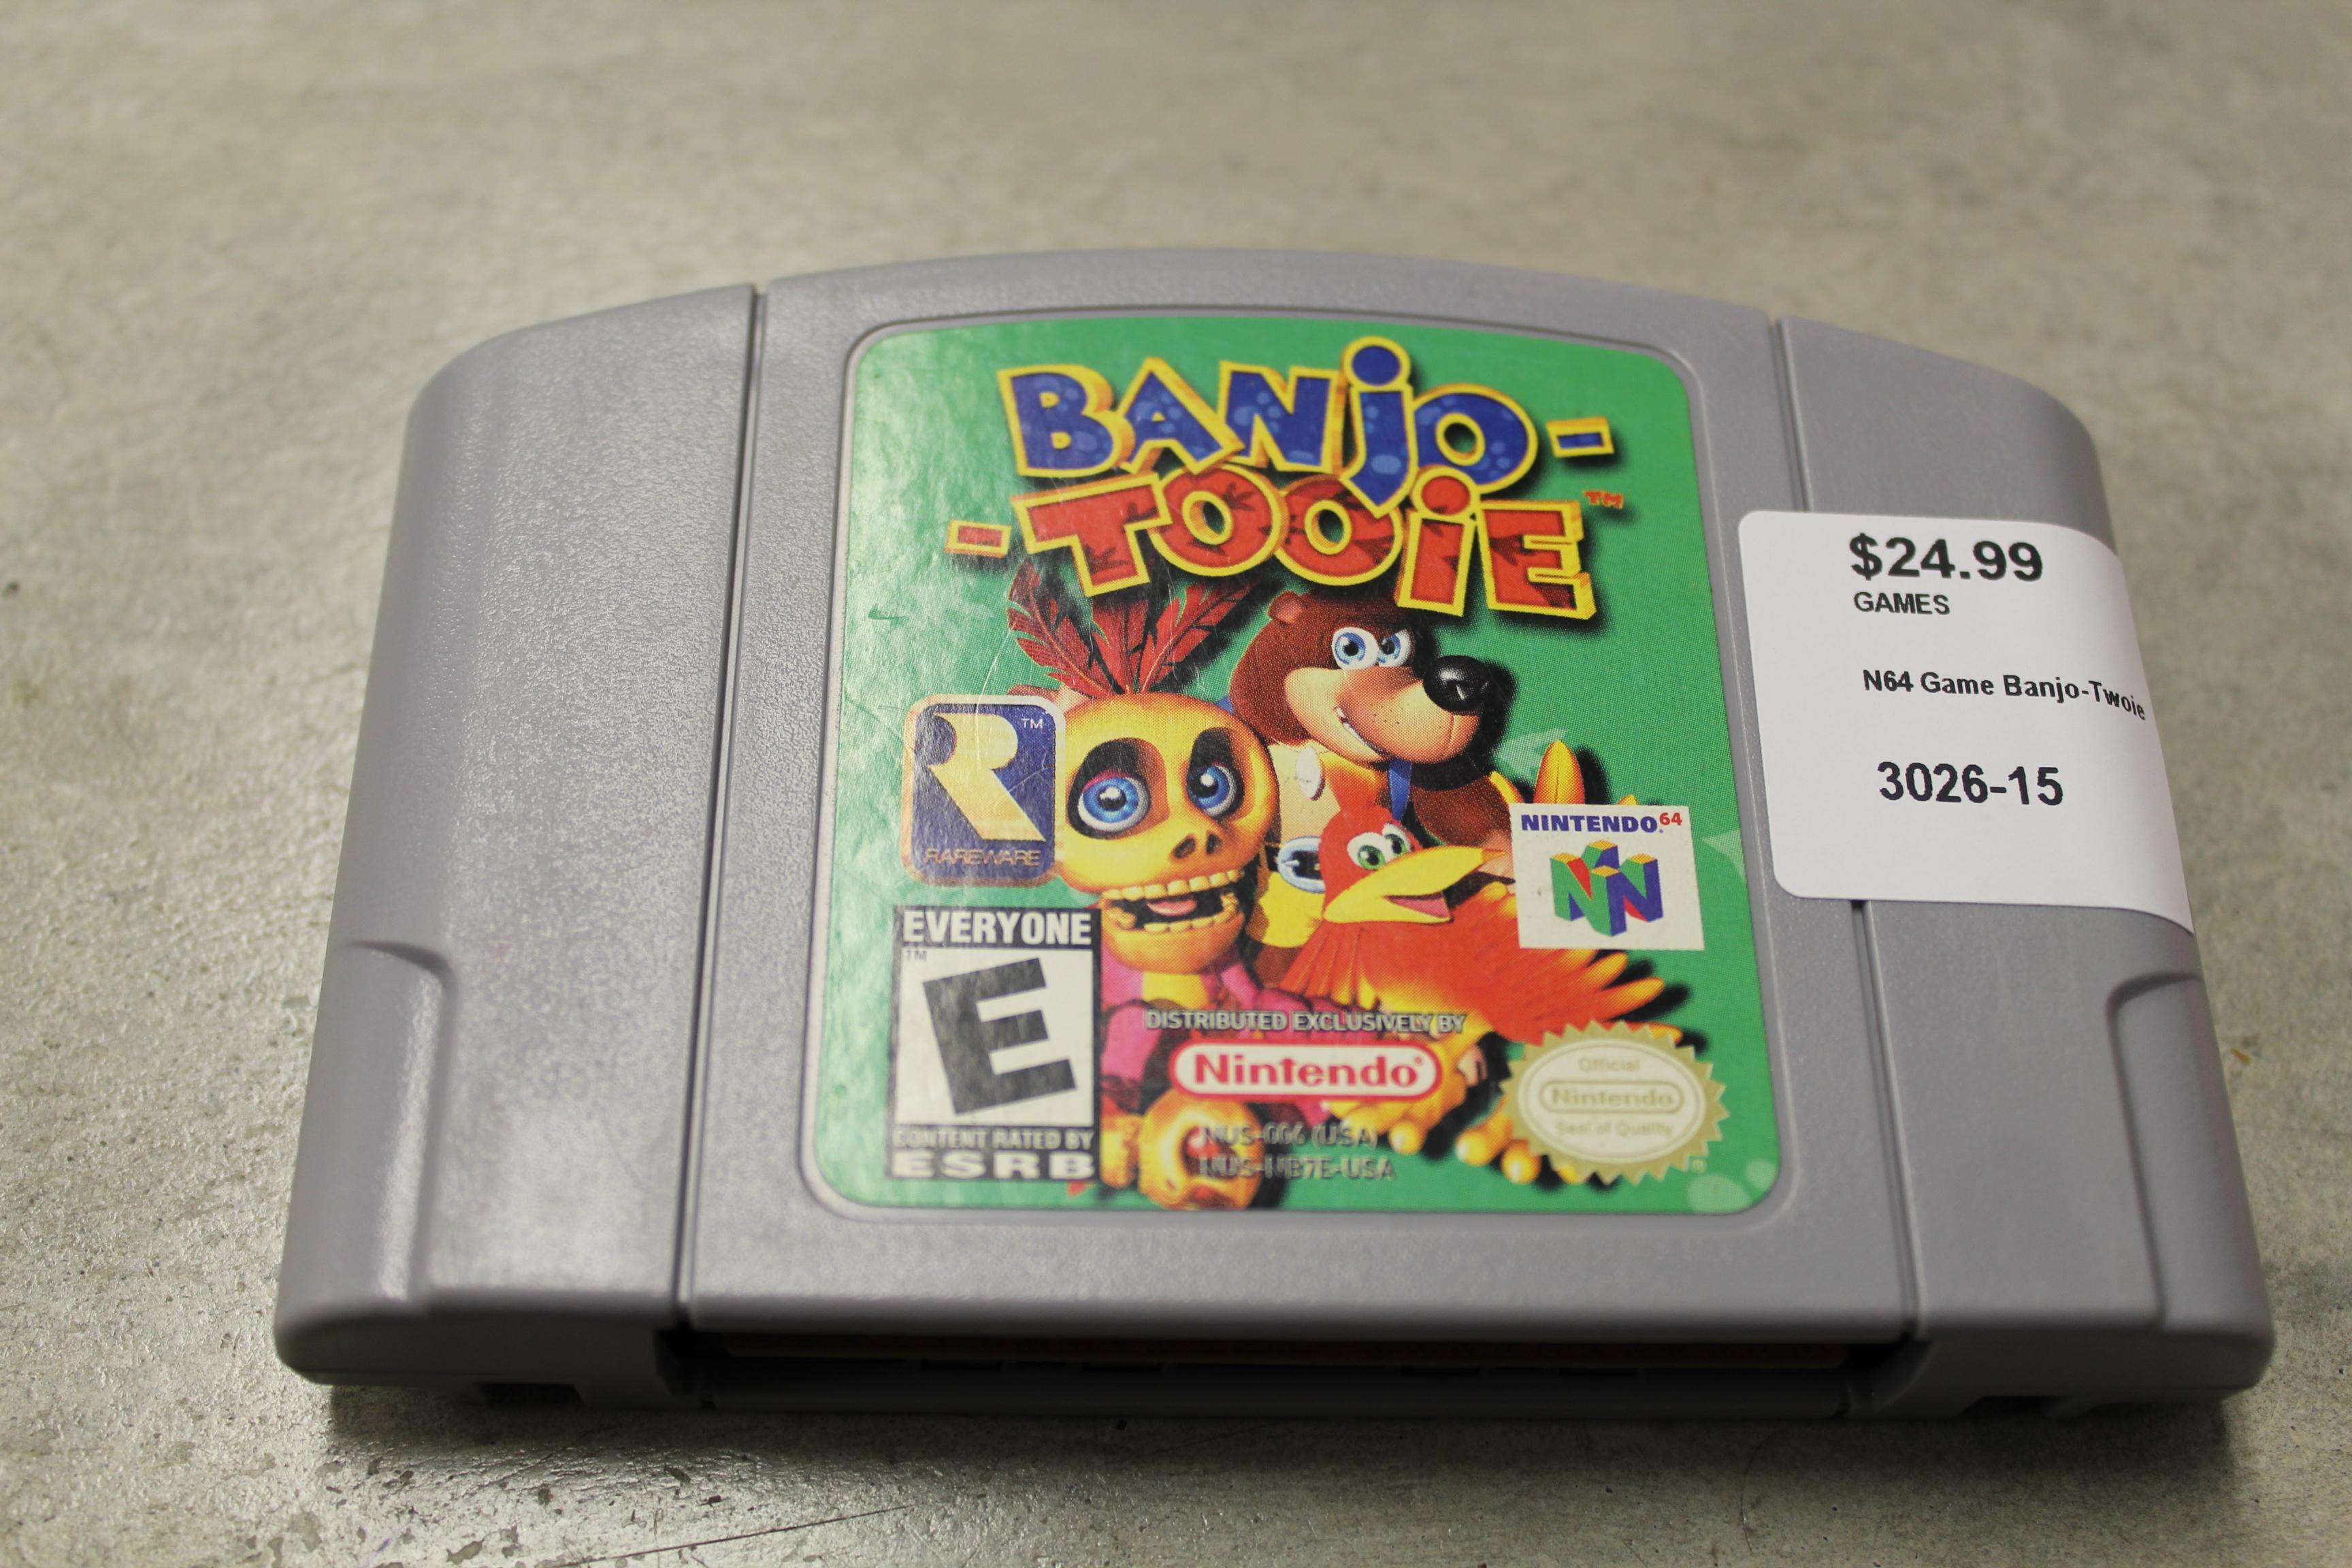 N64 Game Banjo-Tooie